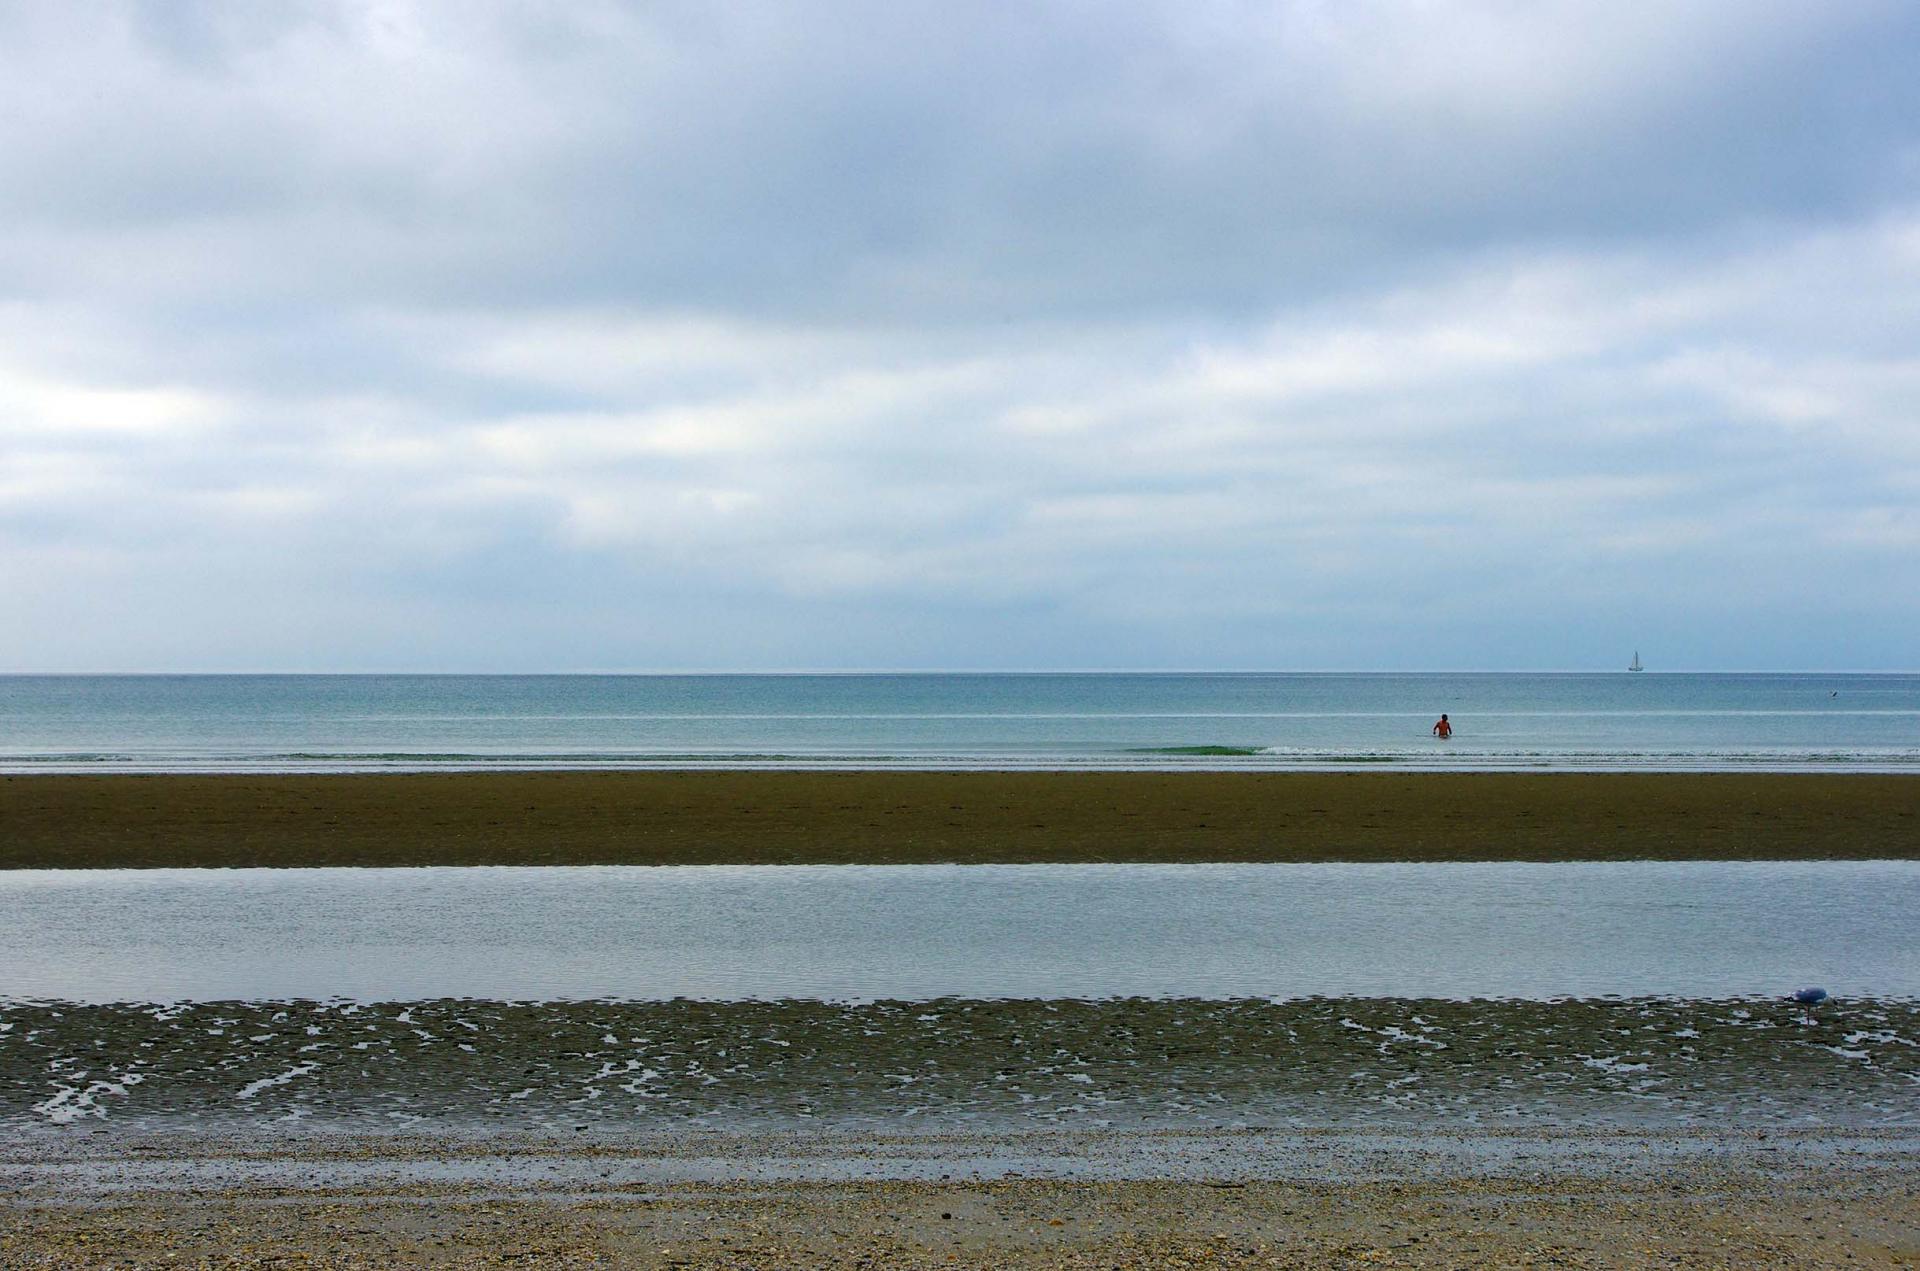 Plage de Deauville : bandes colorées